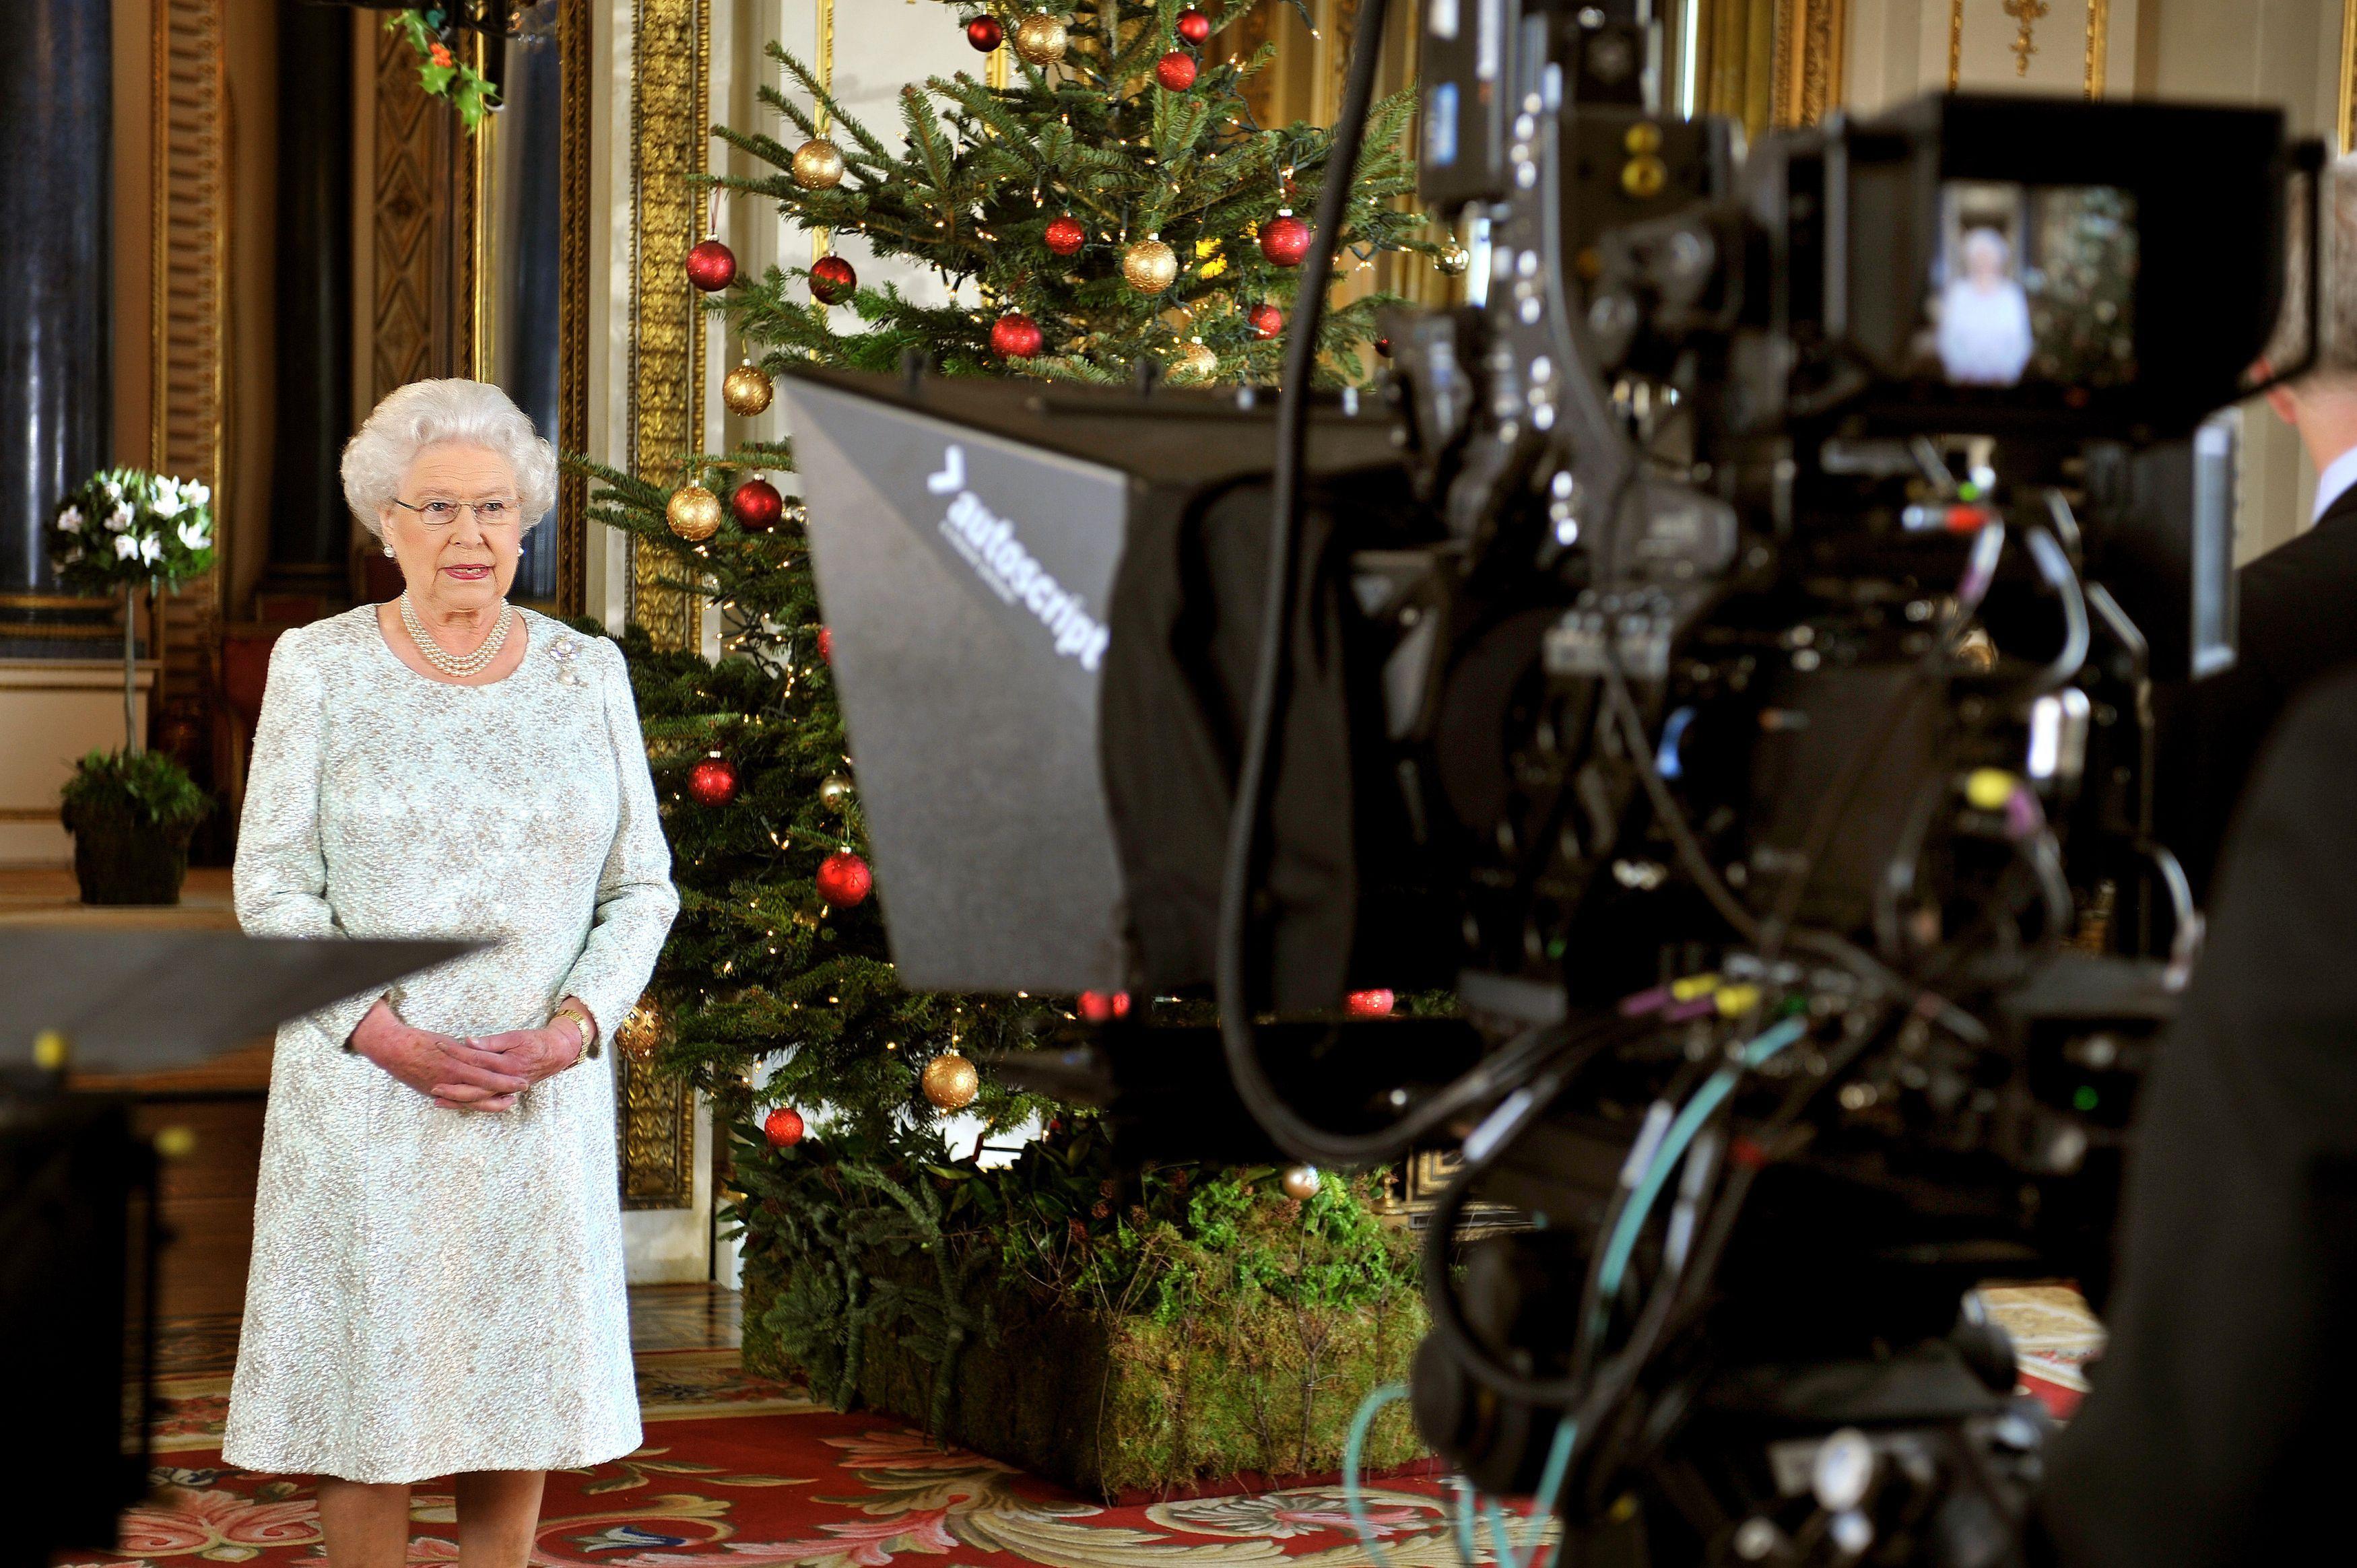 <p><strong>5. Коледното обръщение на английския монарх се излъчва от 1932 г.</strong></p>  <p>Нейно величество изнася реч пред нацията на Коледа всяка година и това е традиция, което е започната от крал Джордж V през 1932г. Кралица Елизабет II продължава традицията, която нарушава само веднъж &ndash; през 1969 г., когато вместо обръщение телевизията излъчва документален филм за кралското семейство. Това много притеснява поданиците и се налага кралицата да направи специално изявление, че на следващата година ще има коледна реч.</p>